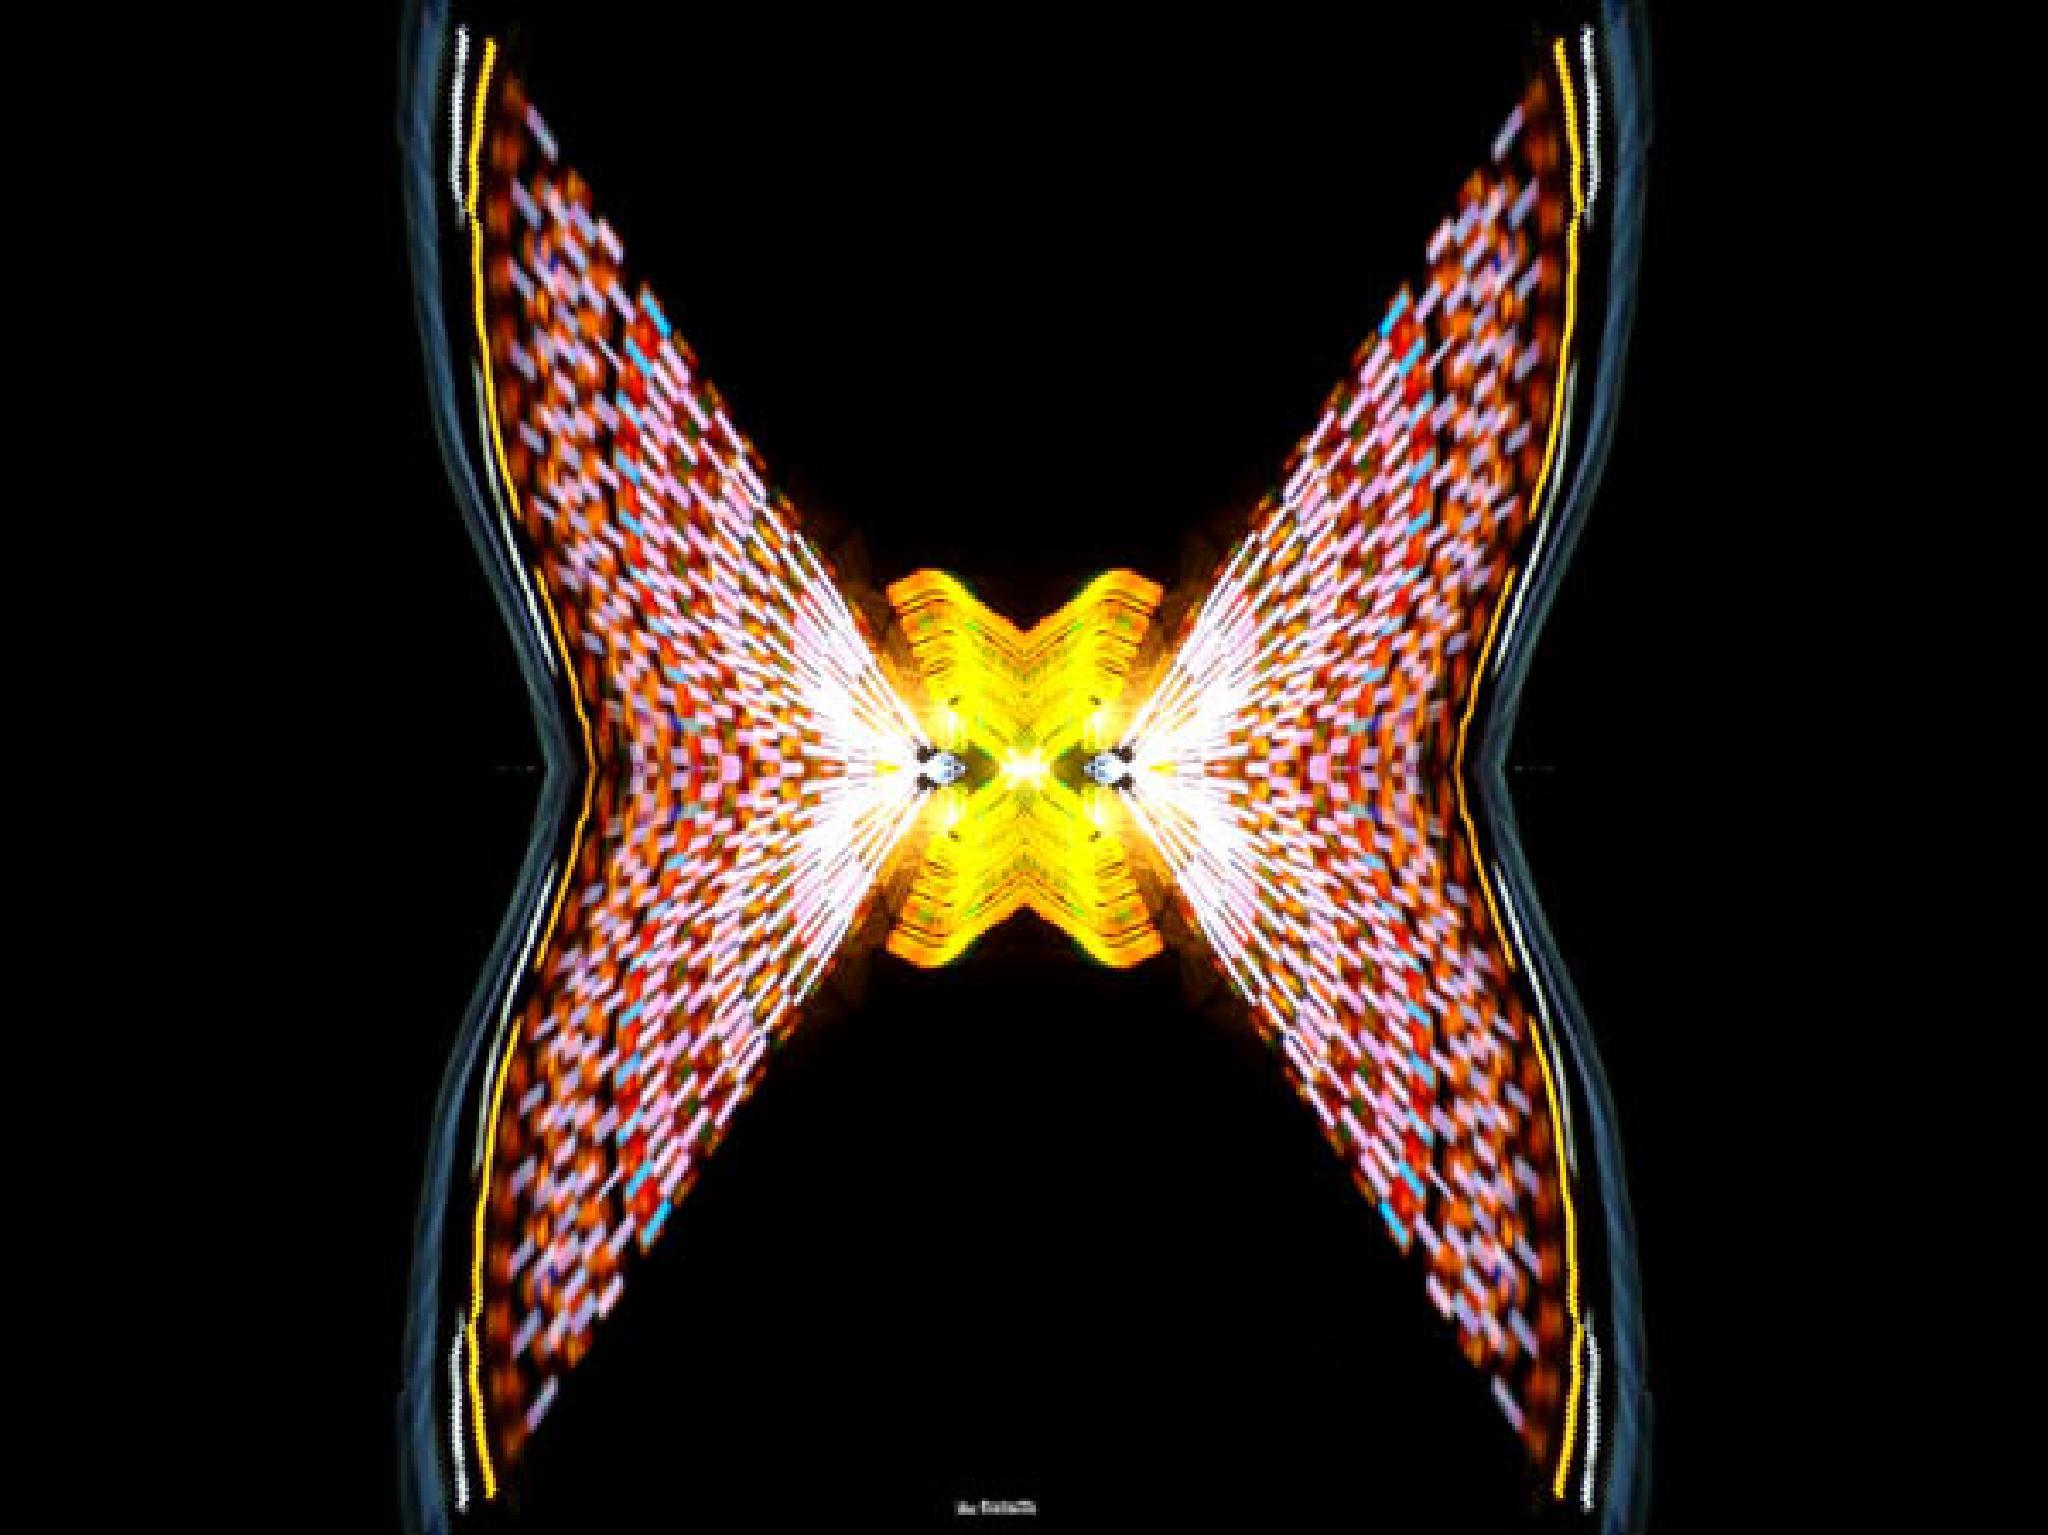 Butterfly by f5.6 artstreet